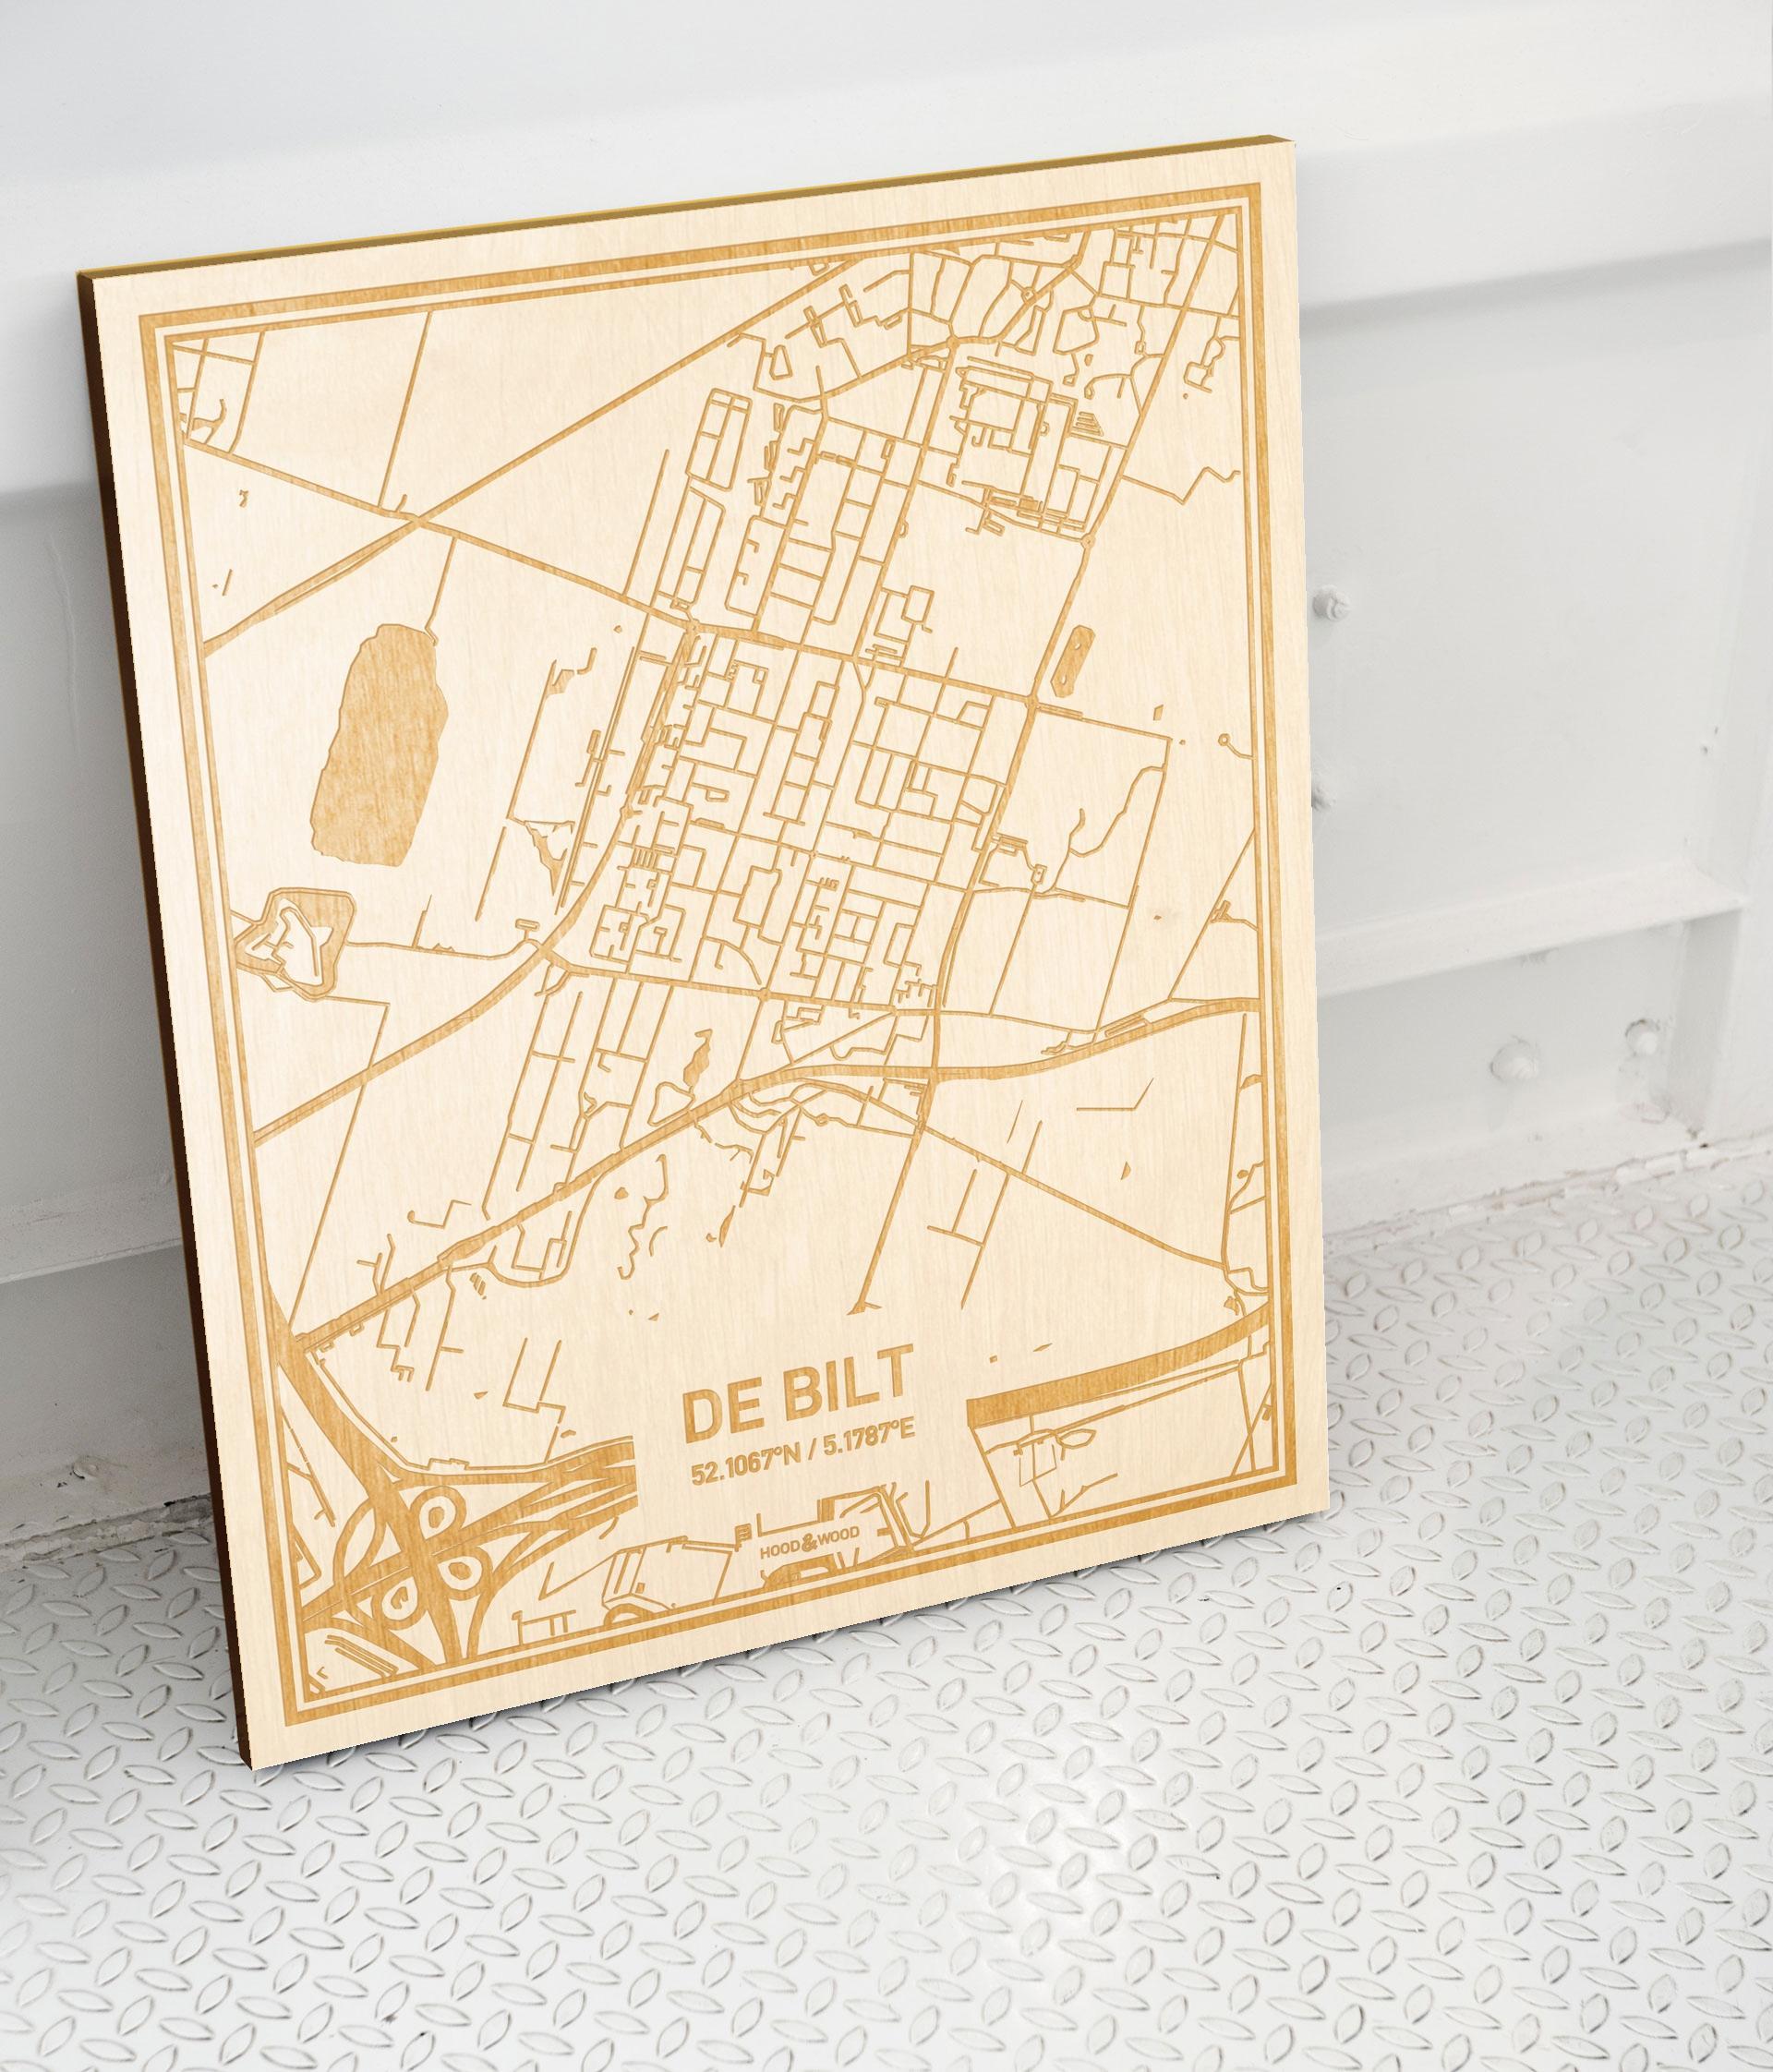 Plattegrond De Bilt als prachtige houten wanddecoratie. Het warme hout contrasteert mooi met de witte muur.